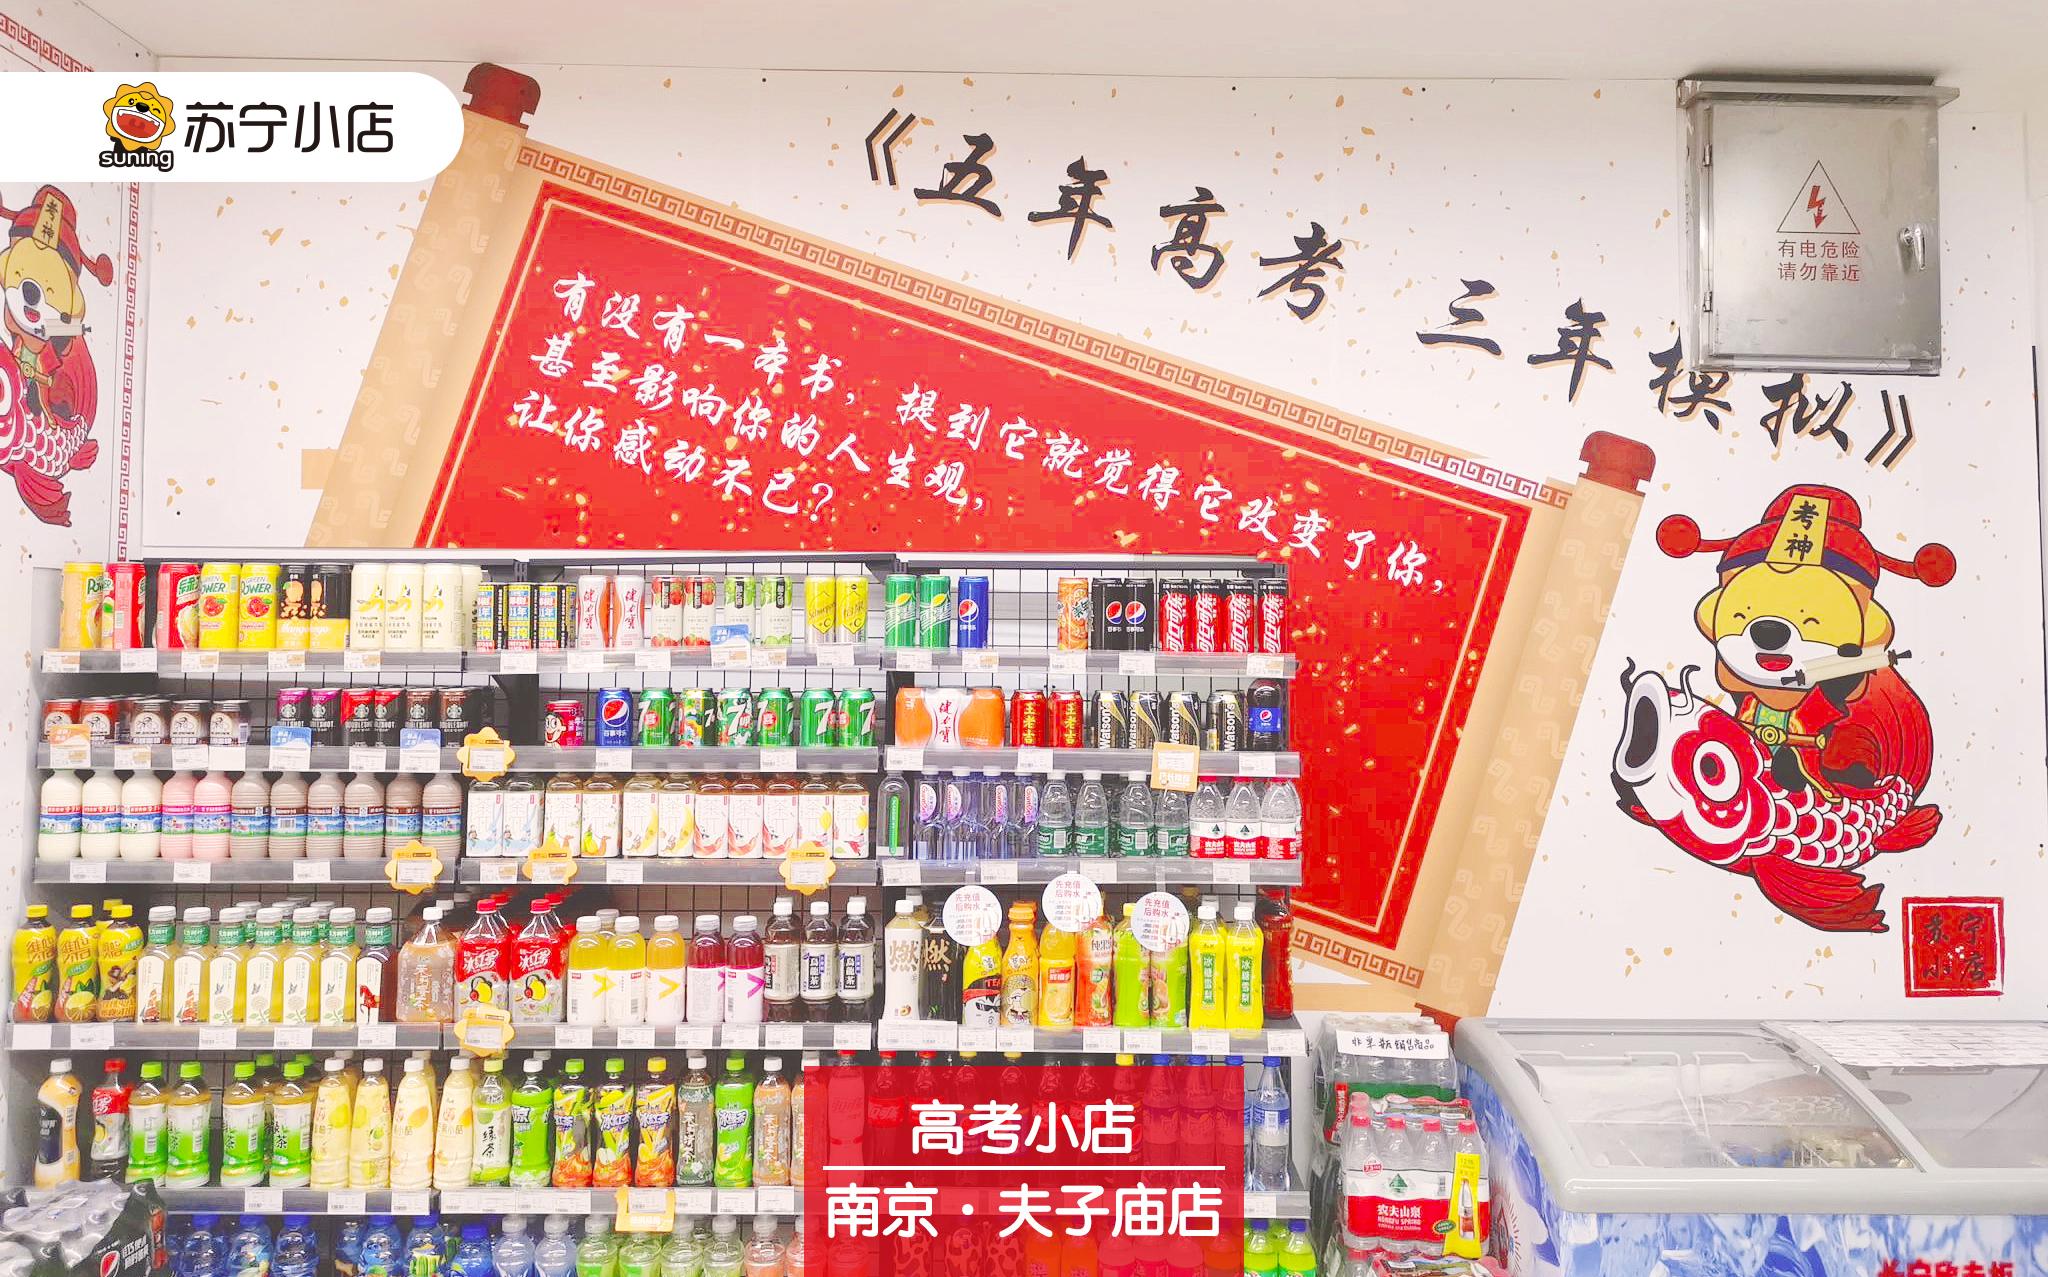 高考主题苏宁小店上线,满屏中国红送祝福